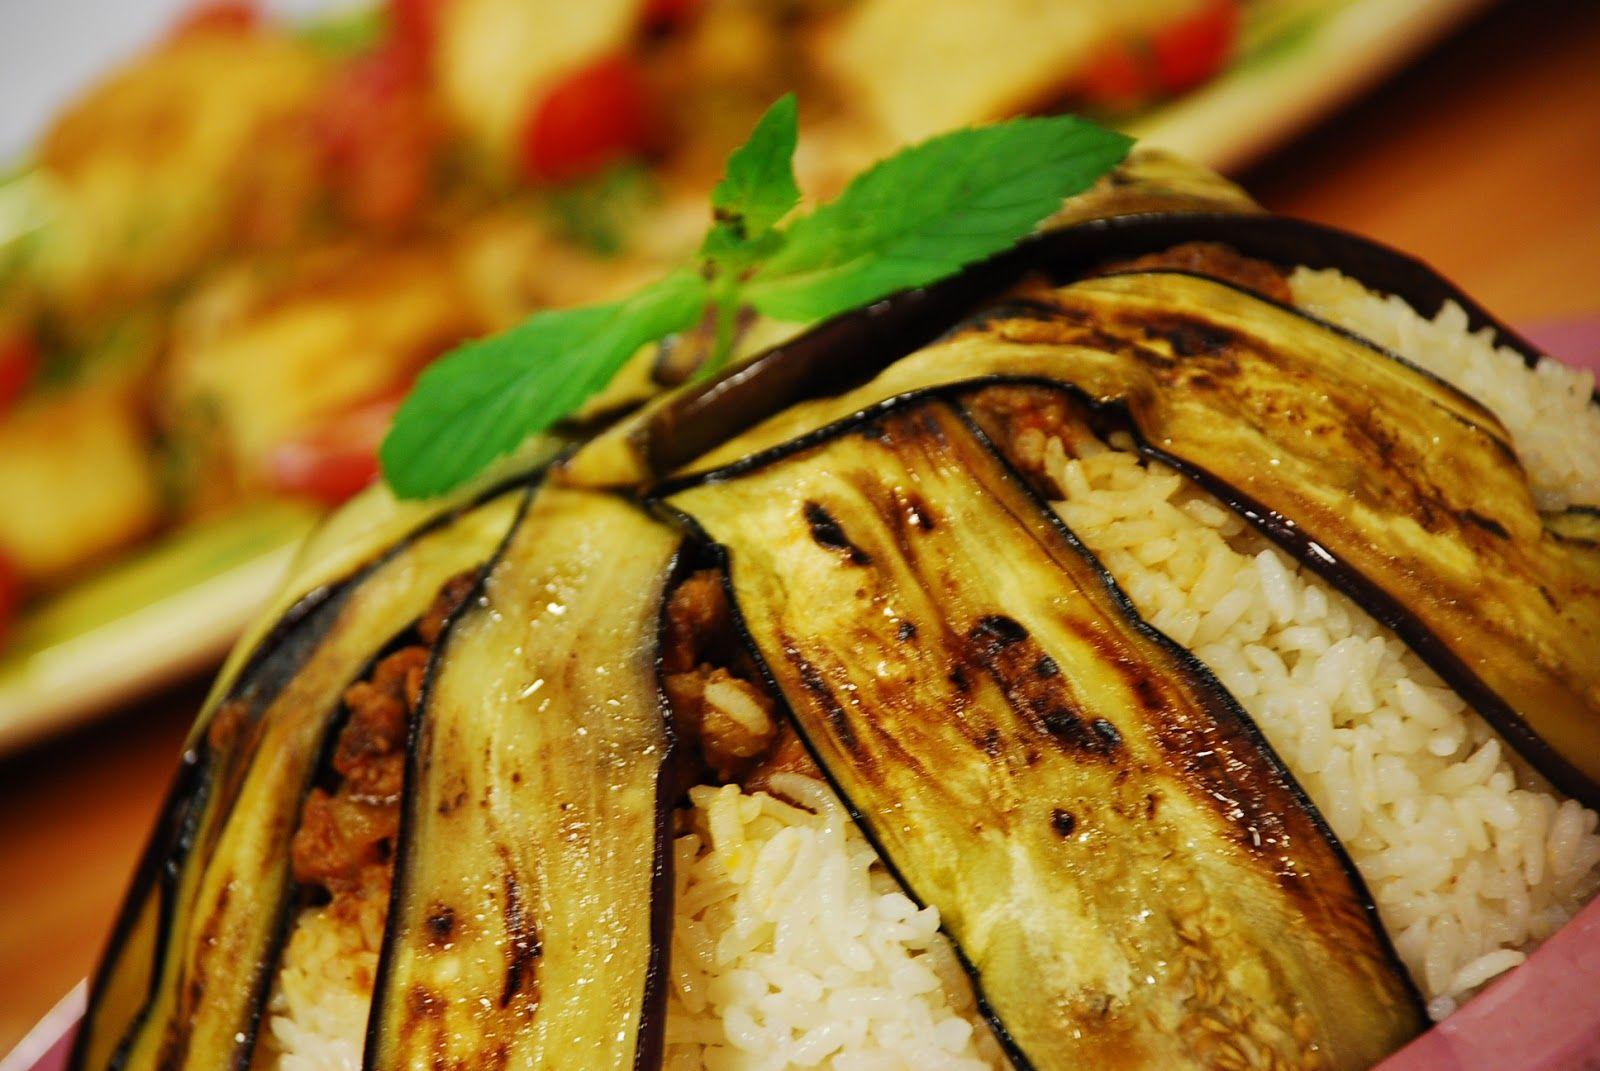 Türkischer Reis mit Hähnchen - Tavuklu Pilav | Türkische Gerichte